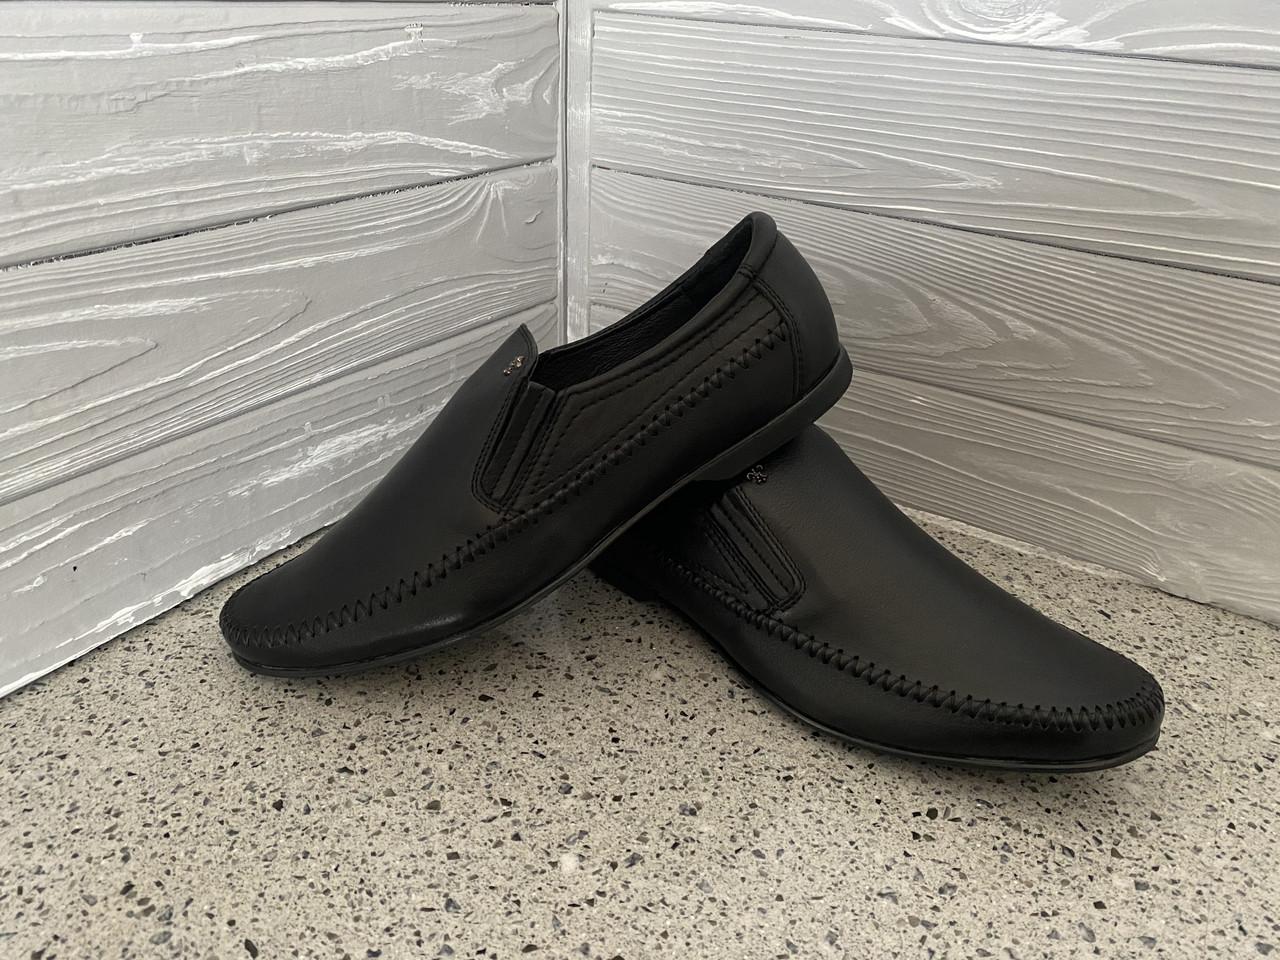 Мужские кожаные мокасины Falcon, Черные, кожподклатка